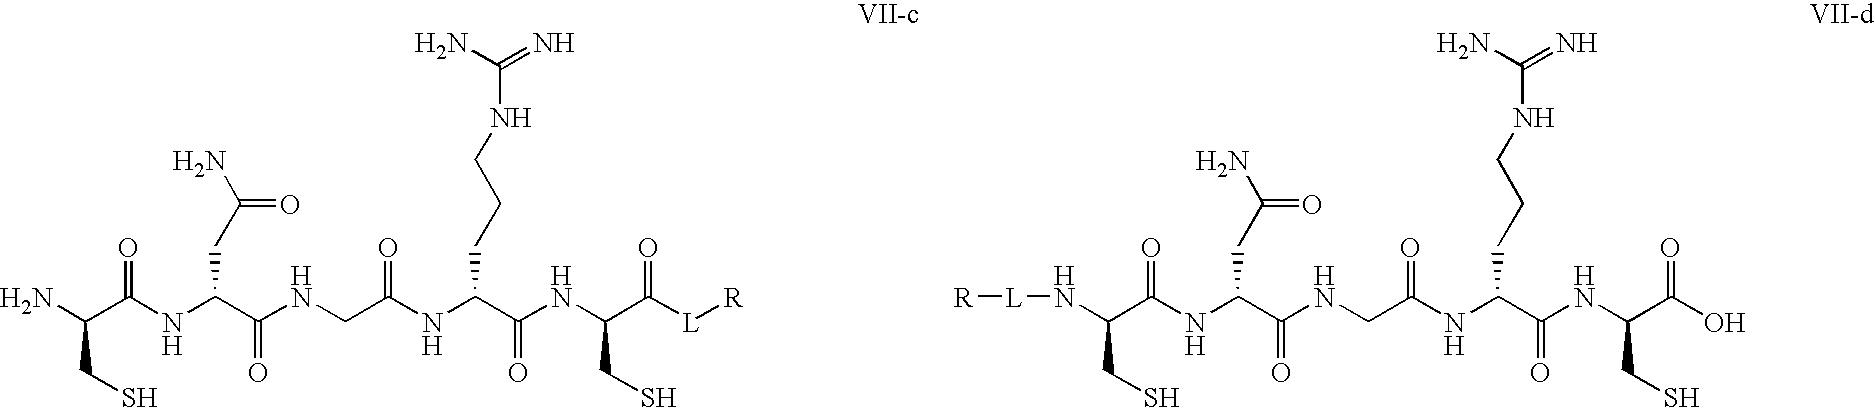 Figure US20090110662A1-20090430-C00026